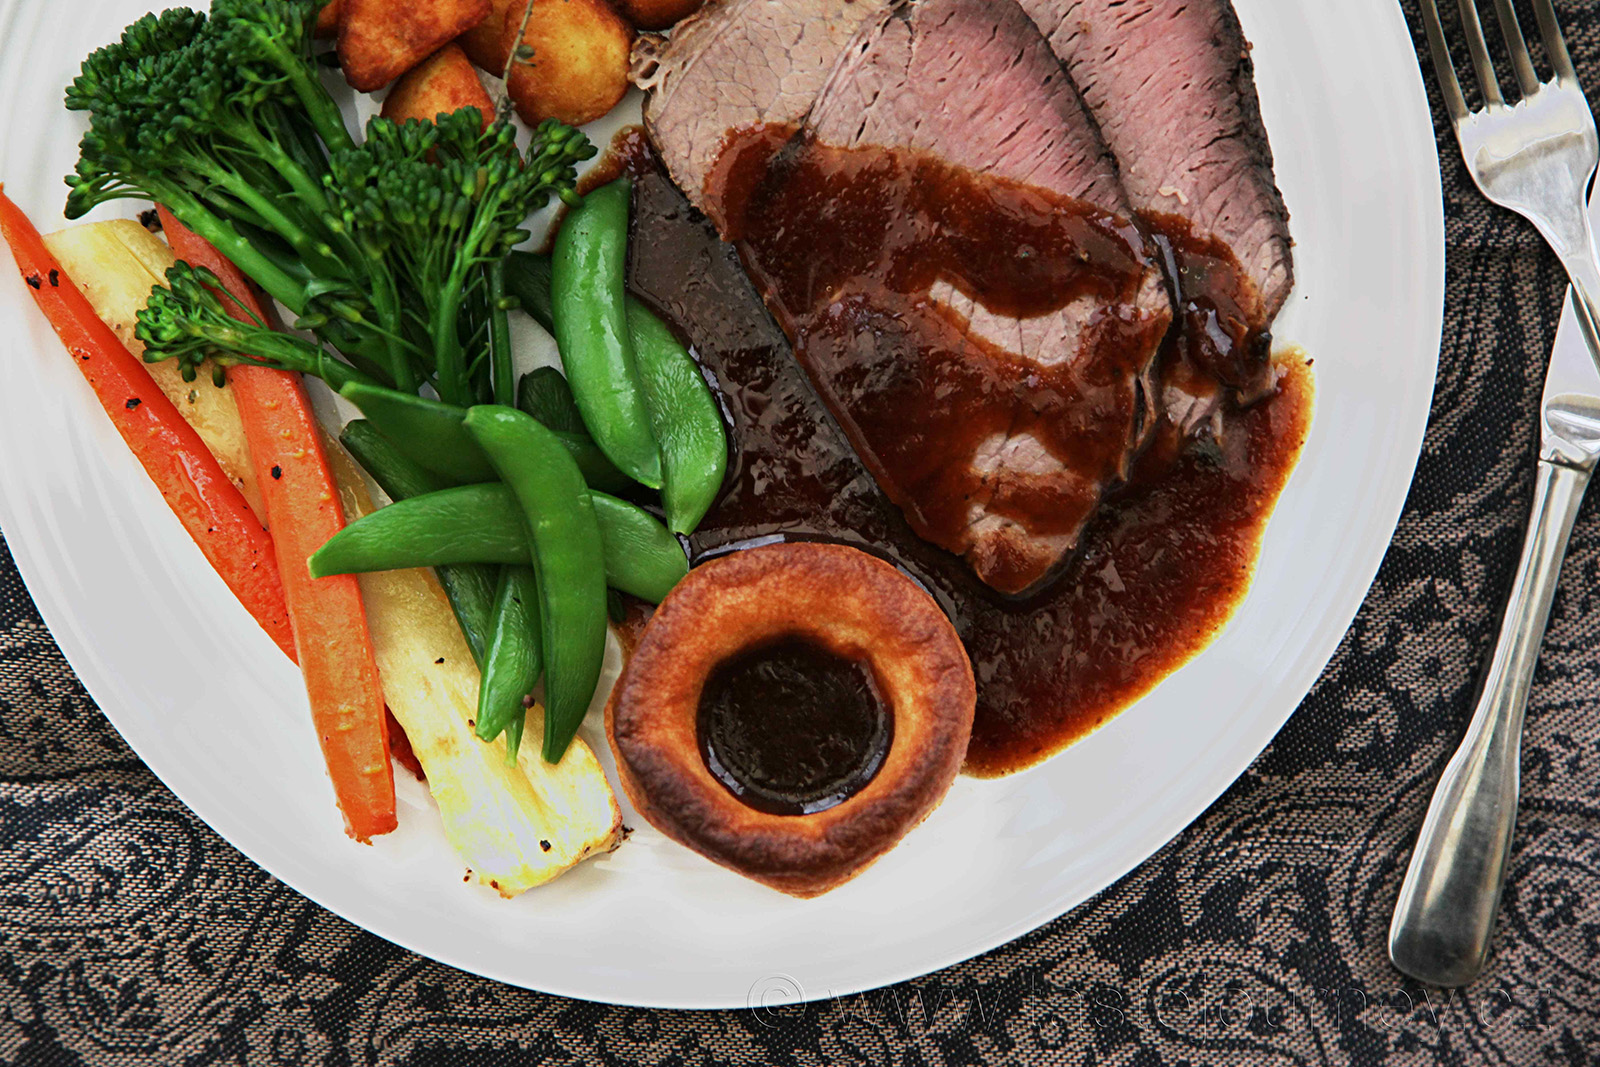 Tradiční Sunday Roast jako souznění všech dobrých chutí